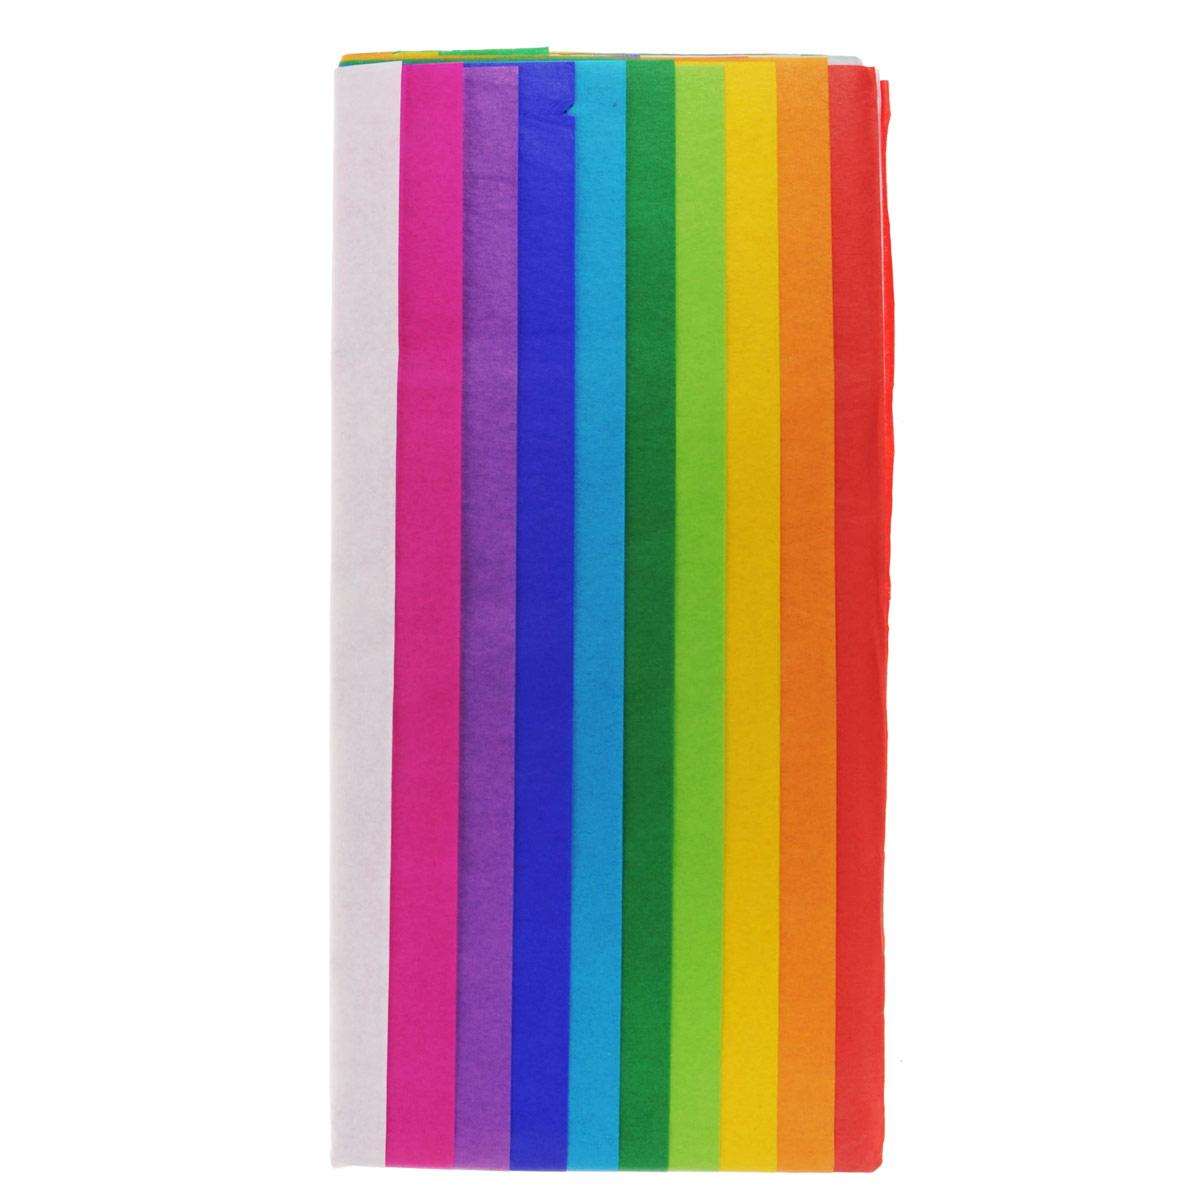 Бумага папиросная Folia, 50 х 70 см, 10 листов. 77081227708122Бумага папиросная Folia - это великолепная тонкая и эластичная декоративная бумага. Такая бумага очень хороша для изготовления своими руками цветов и букетов с конфетами, топиариев, декорирования праздничных мероприятий. Также из нее получается шикарная упаковка для подарков. Интересный эффект дает сочетание мягкой полупрозрачной фактуры папиросной бумаги с жатыми и матовыми фактурами: креп-бумагой, тутовой и различными видами картона. Бумага очень тонкая, полупрозрачная - поэтому ее можно оригинально использовать в декоре стекла, светильников и гирлянд. В комплекте 10 листов разных цветов: белый, розовый, сиреневый, фиолетовый, голубой, зеленый, салатовый, желтый, оранжевый, красный.Достаточно большие размеры листа и богатая цветовая палитра дают простор вашей творческой фантазии.Размер листа: 50 см х 70 см.Плотность: 20 г/м2.